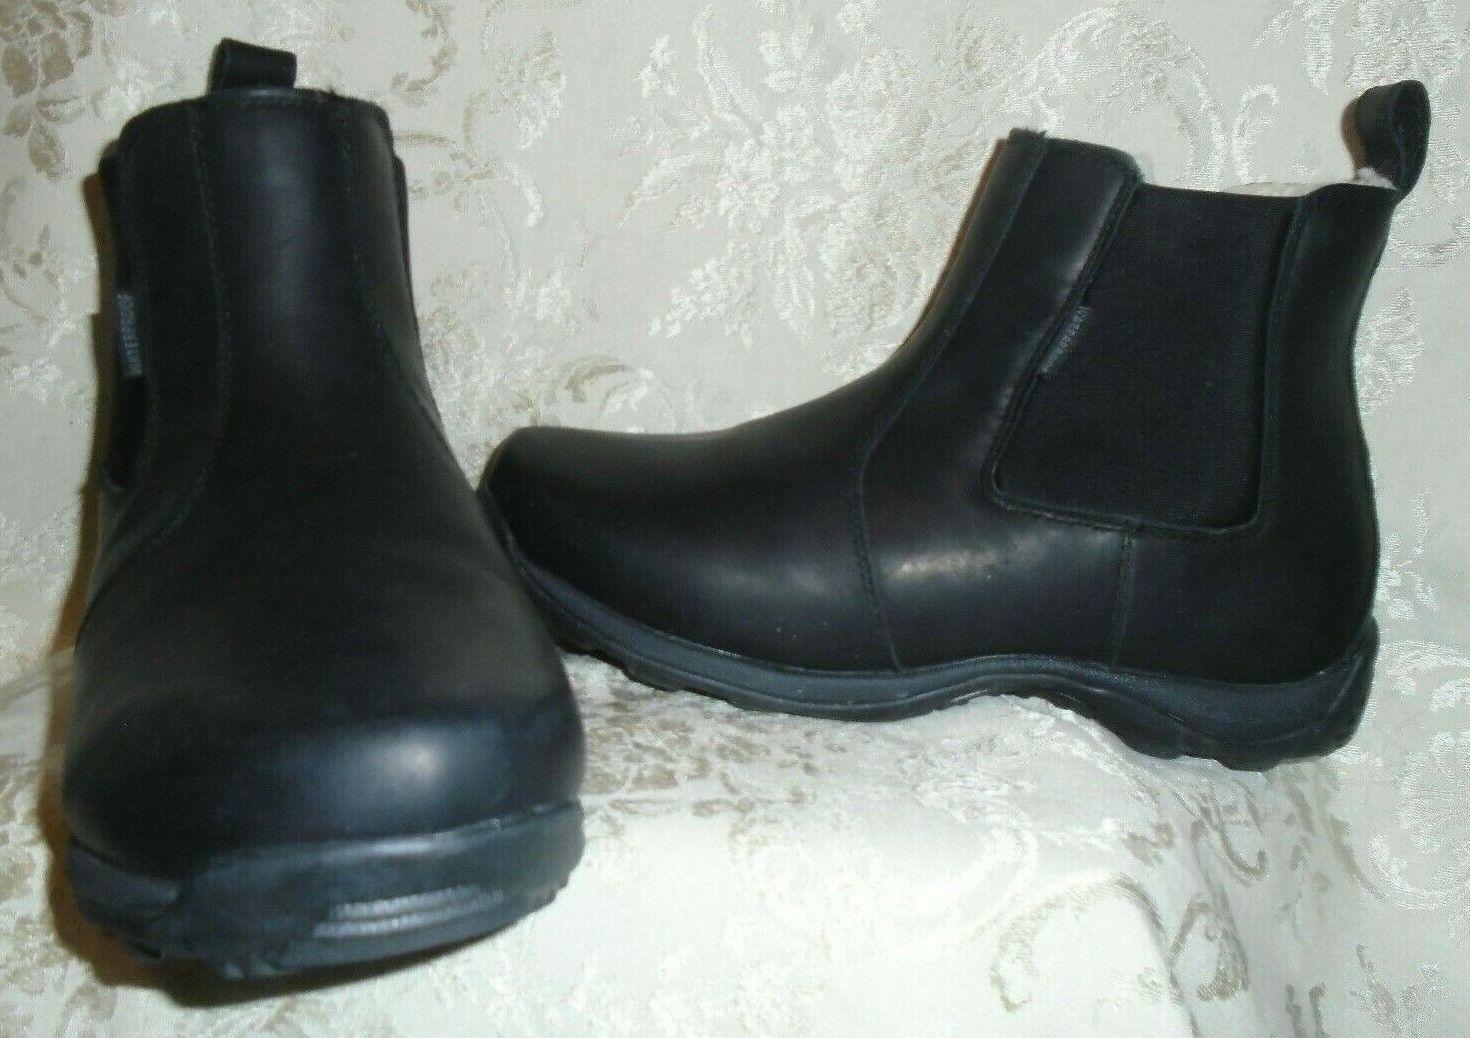 New Baffin Telluride Black Waterproof Waterproof Waterproof  Womens Boots Size 10 B  MSRP  209.99 10f22b